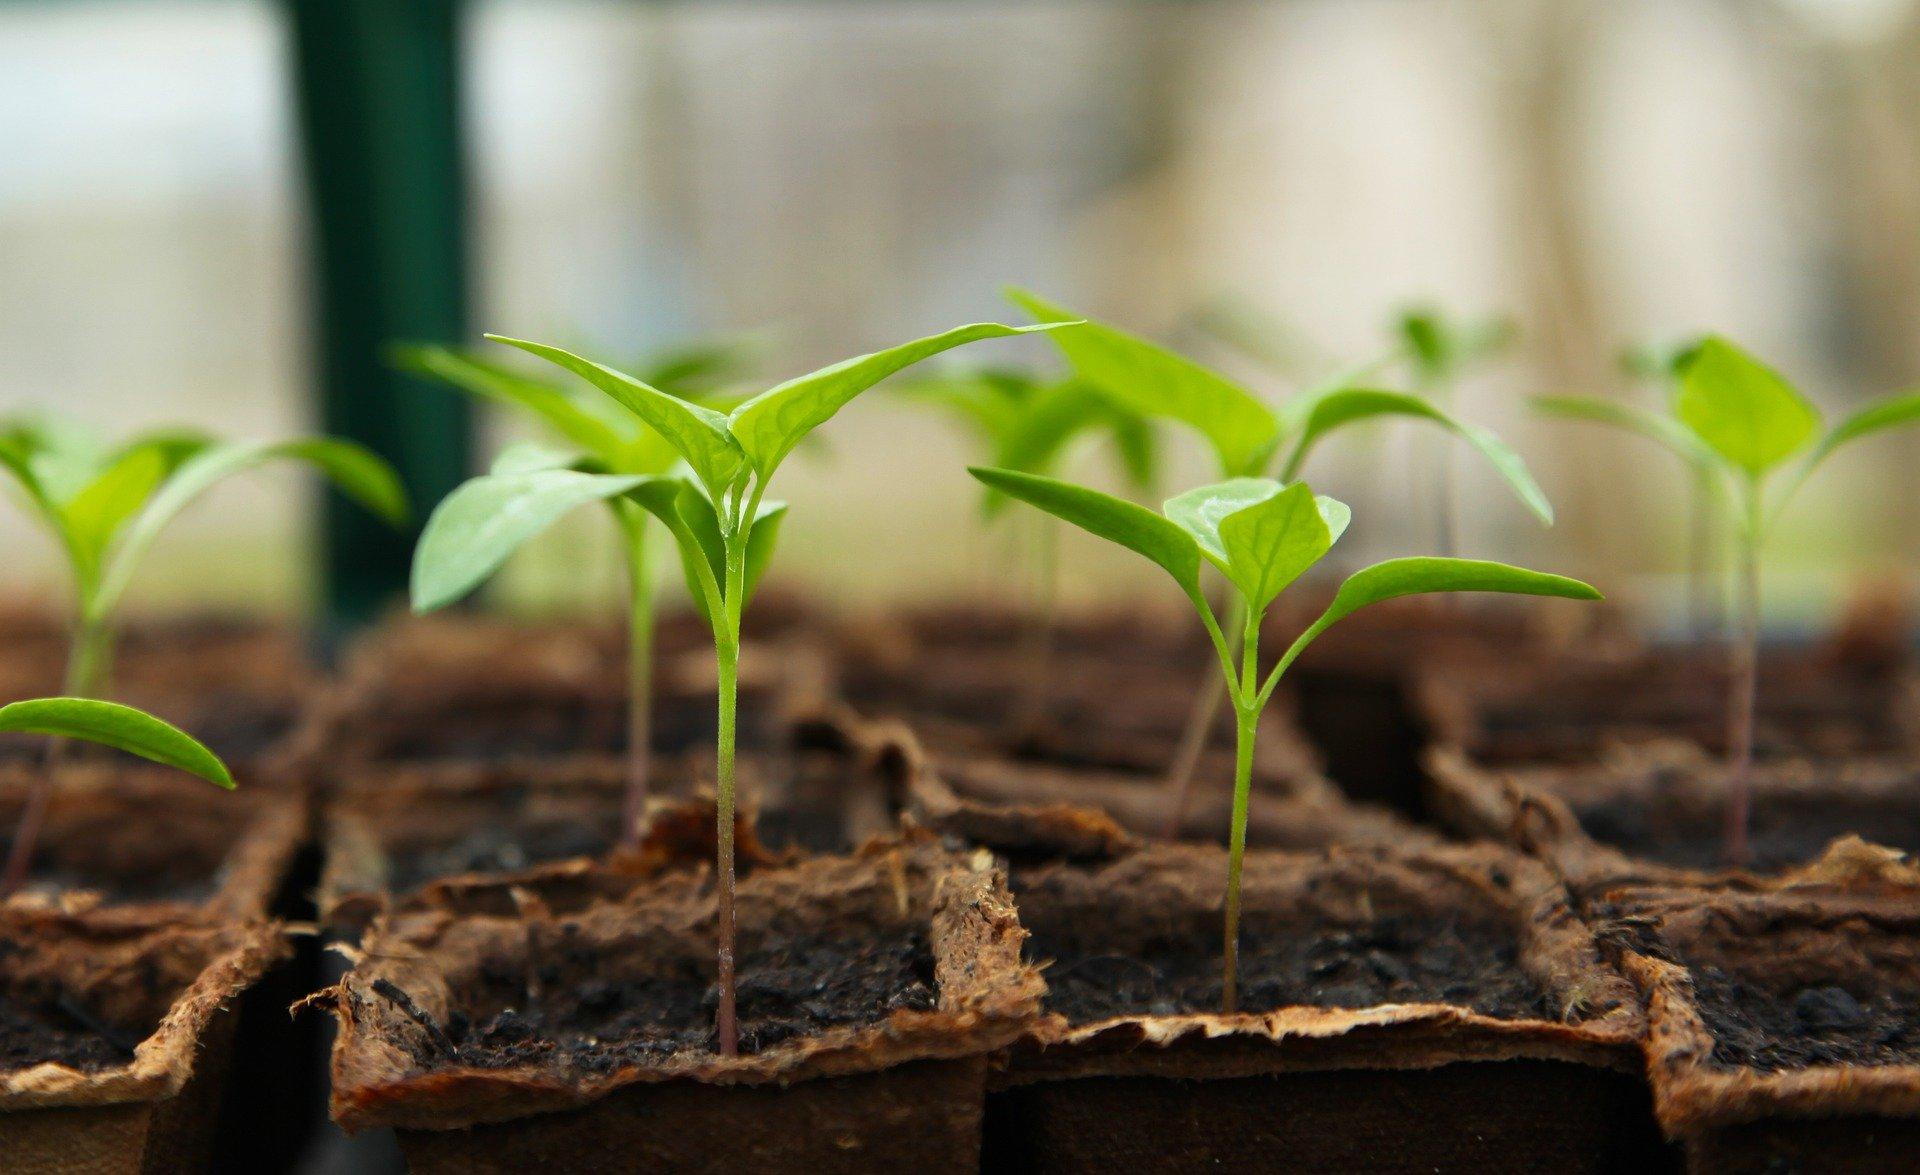 Seedlings growing in pots.